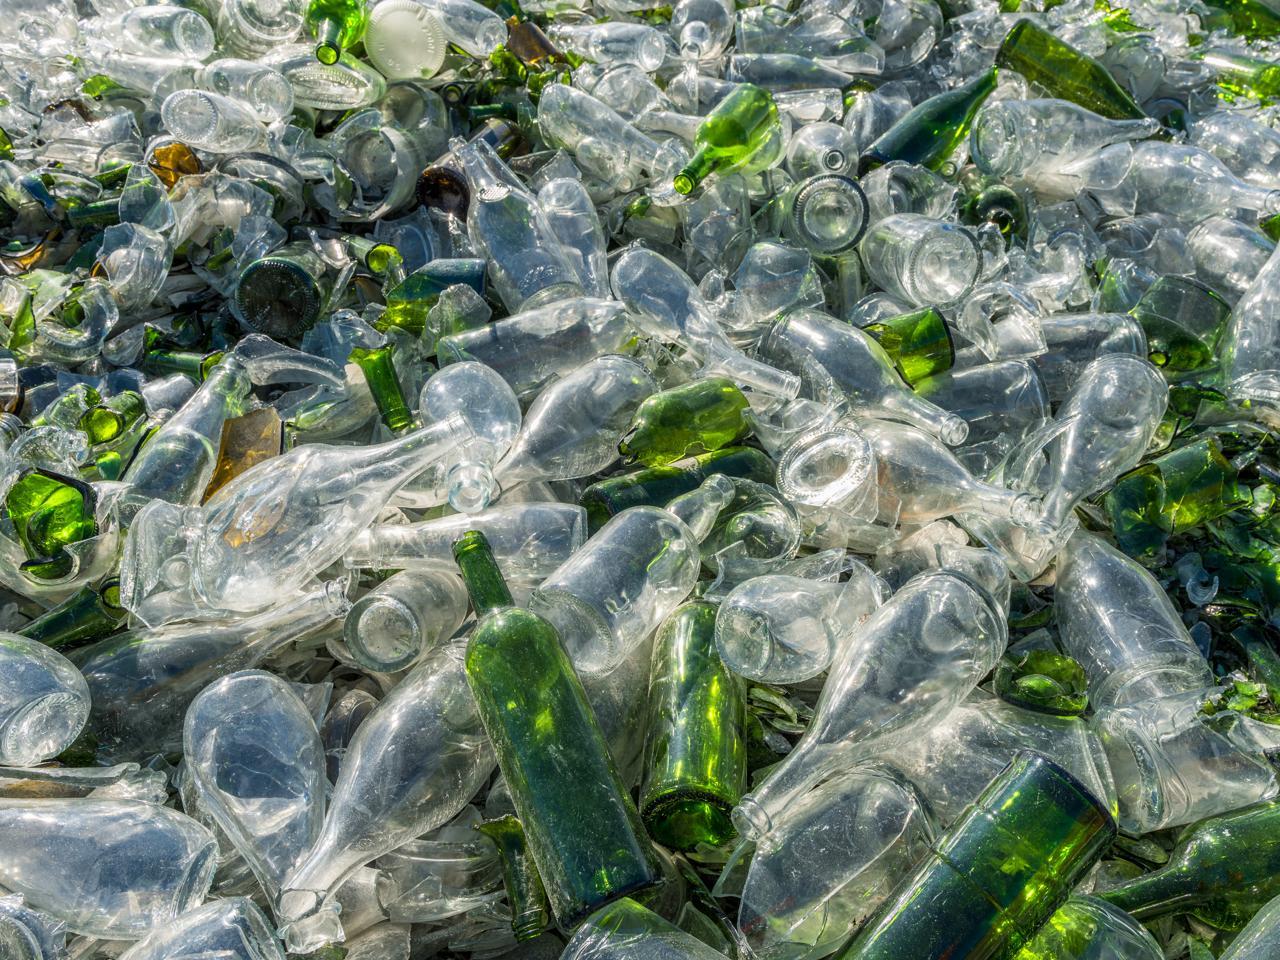 Dall'industria del riciclo 10 milioni di tonnellate di nuove materie prime